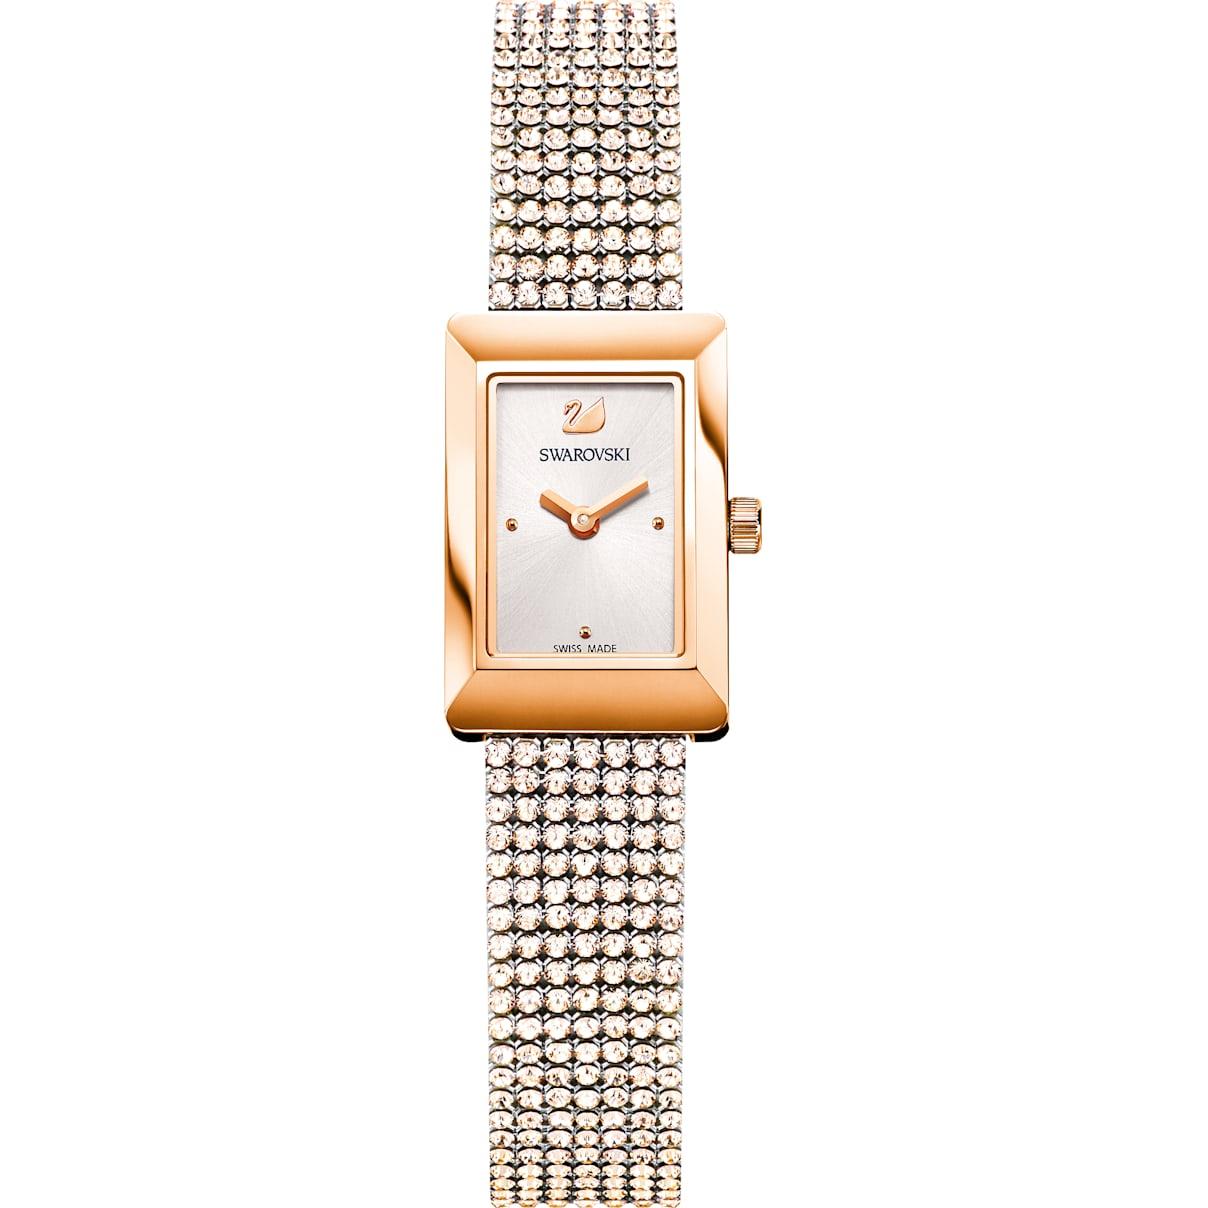 Swarovski Memories Watch, Crystal Mesh strap, White, Rose-gold tone PVD